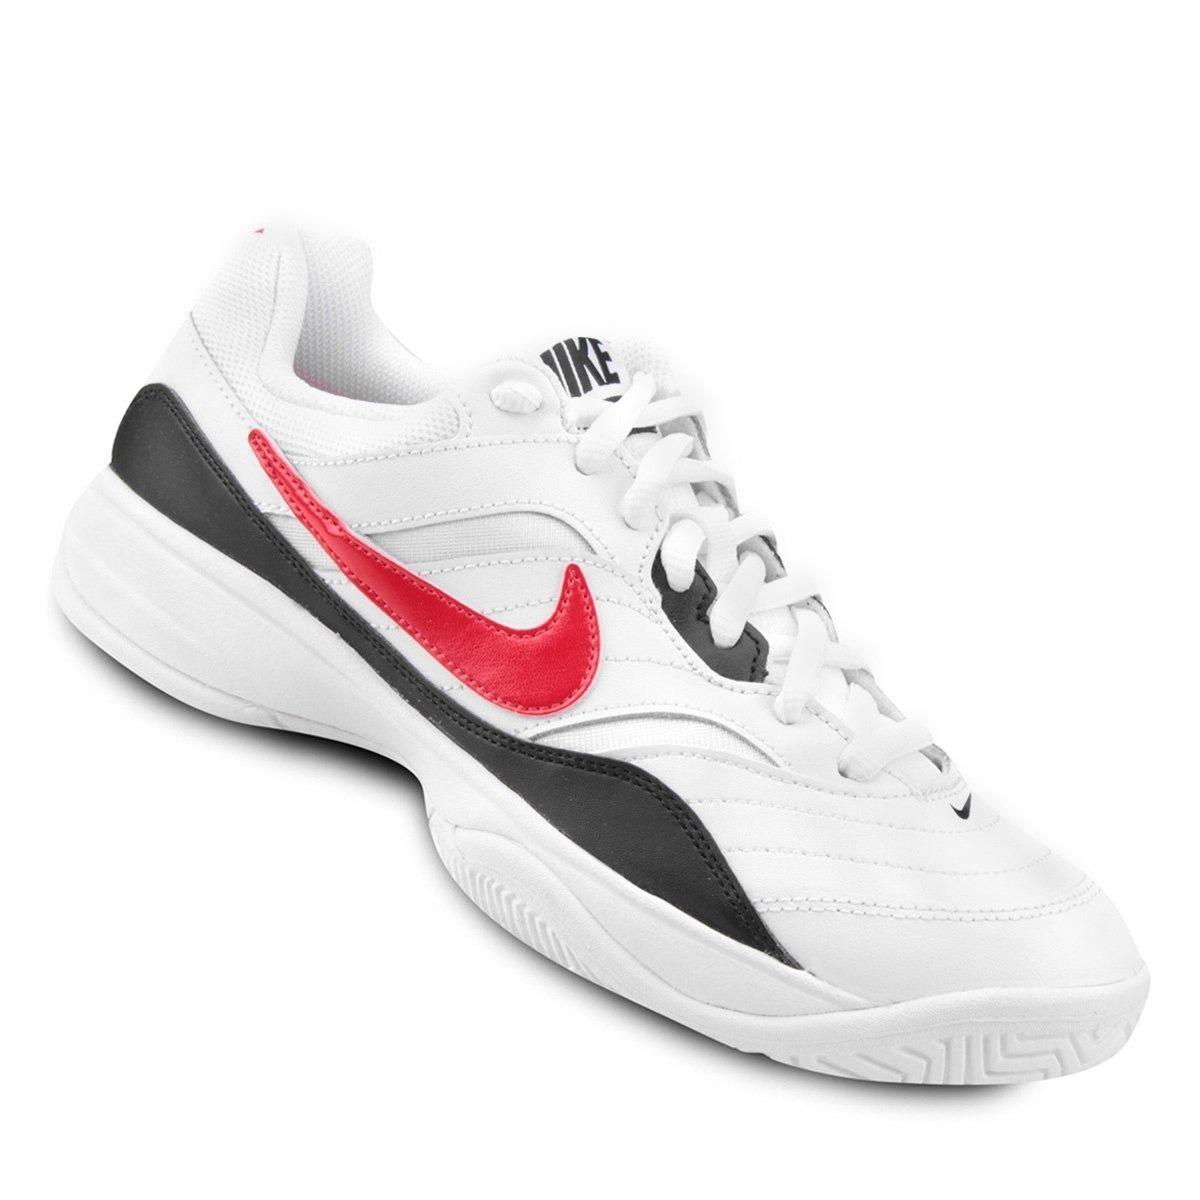 030525fe2c tênis nike court lite masculino - branco - original. Carregando zoom.